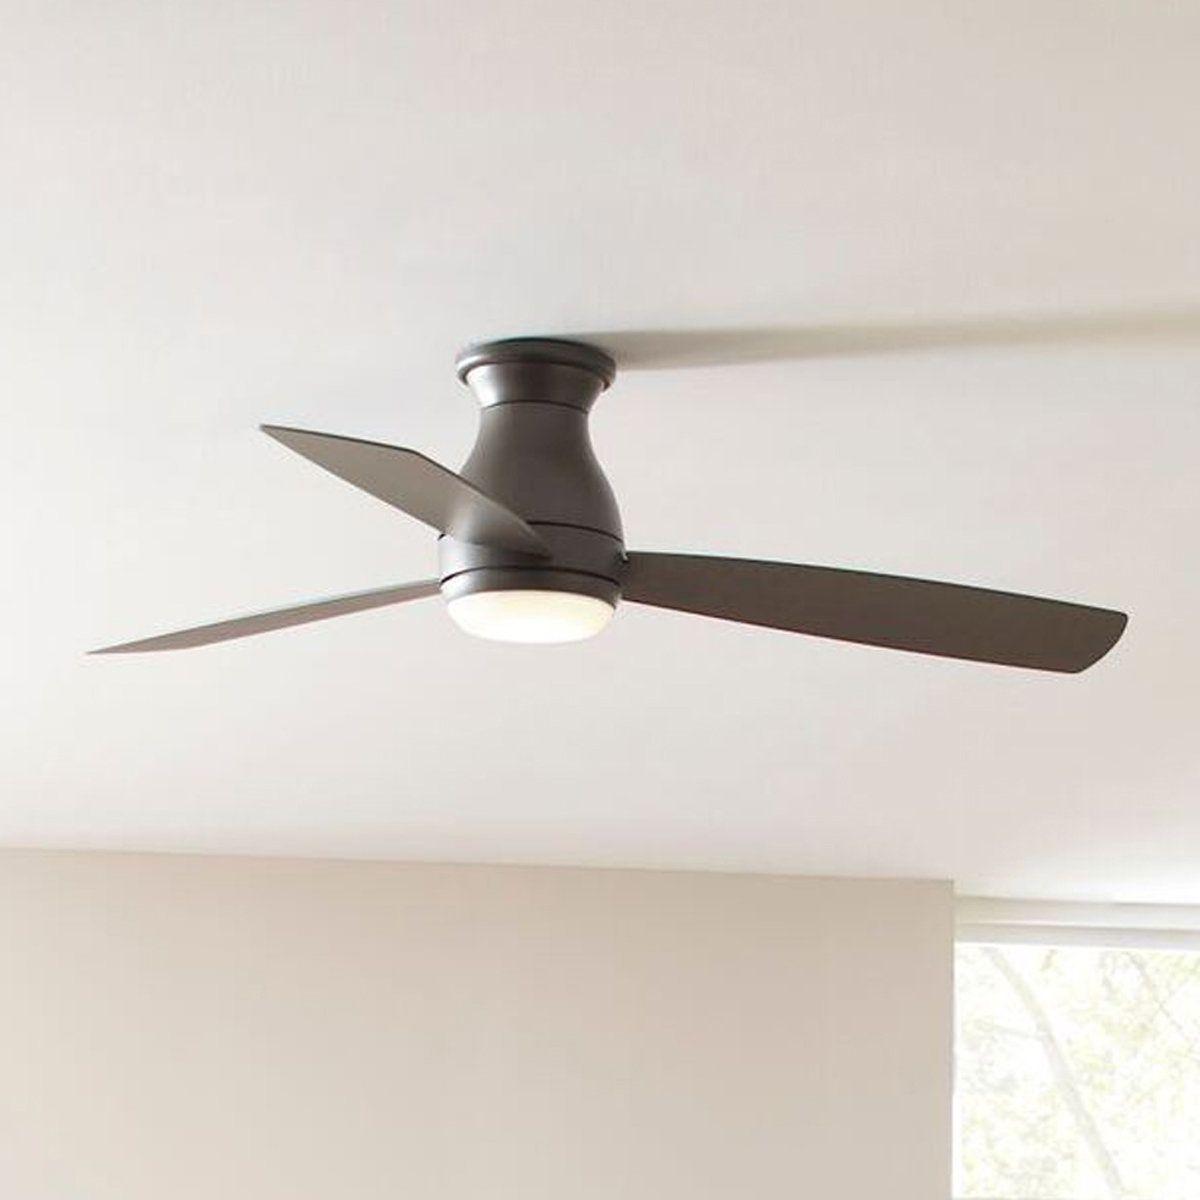 44 Low Profile Indoor Outdoor Ceiling Fan In 2021 Ceiling Fan Shade Ceiling Fan Ceiling Fan Shades